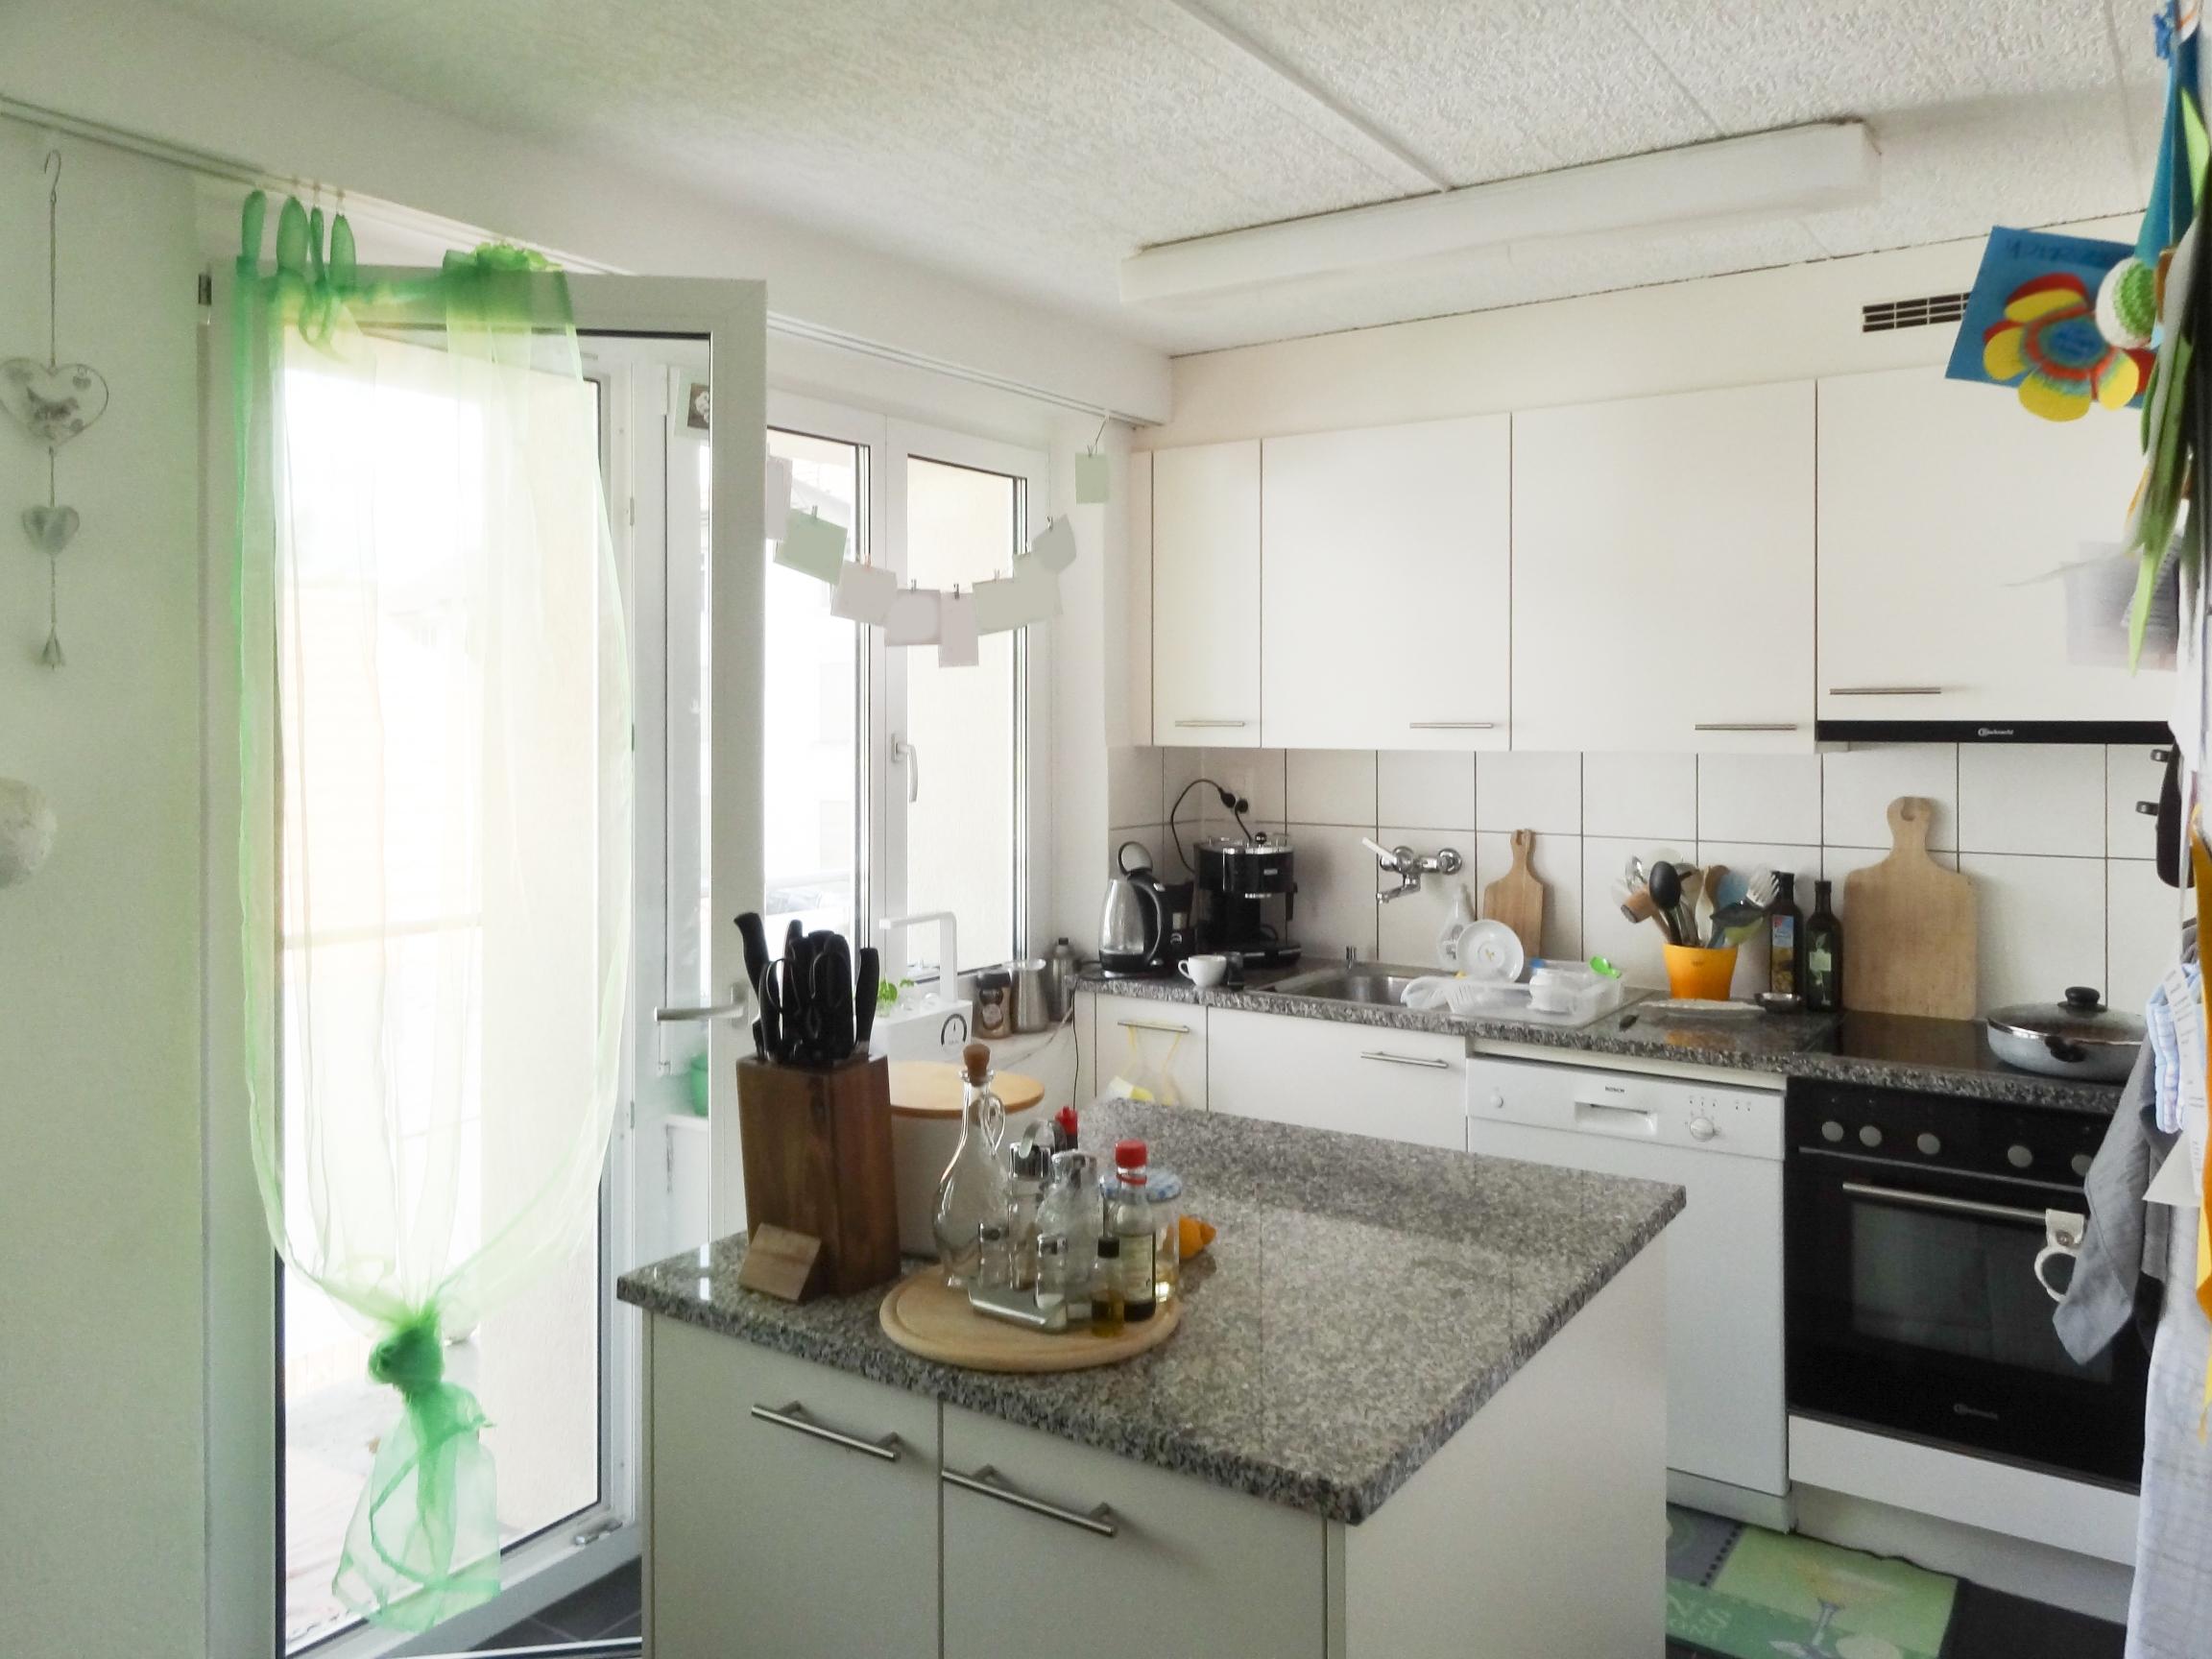 Küche_resized_20190515_095811010.jpg